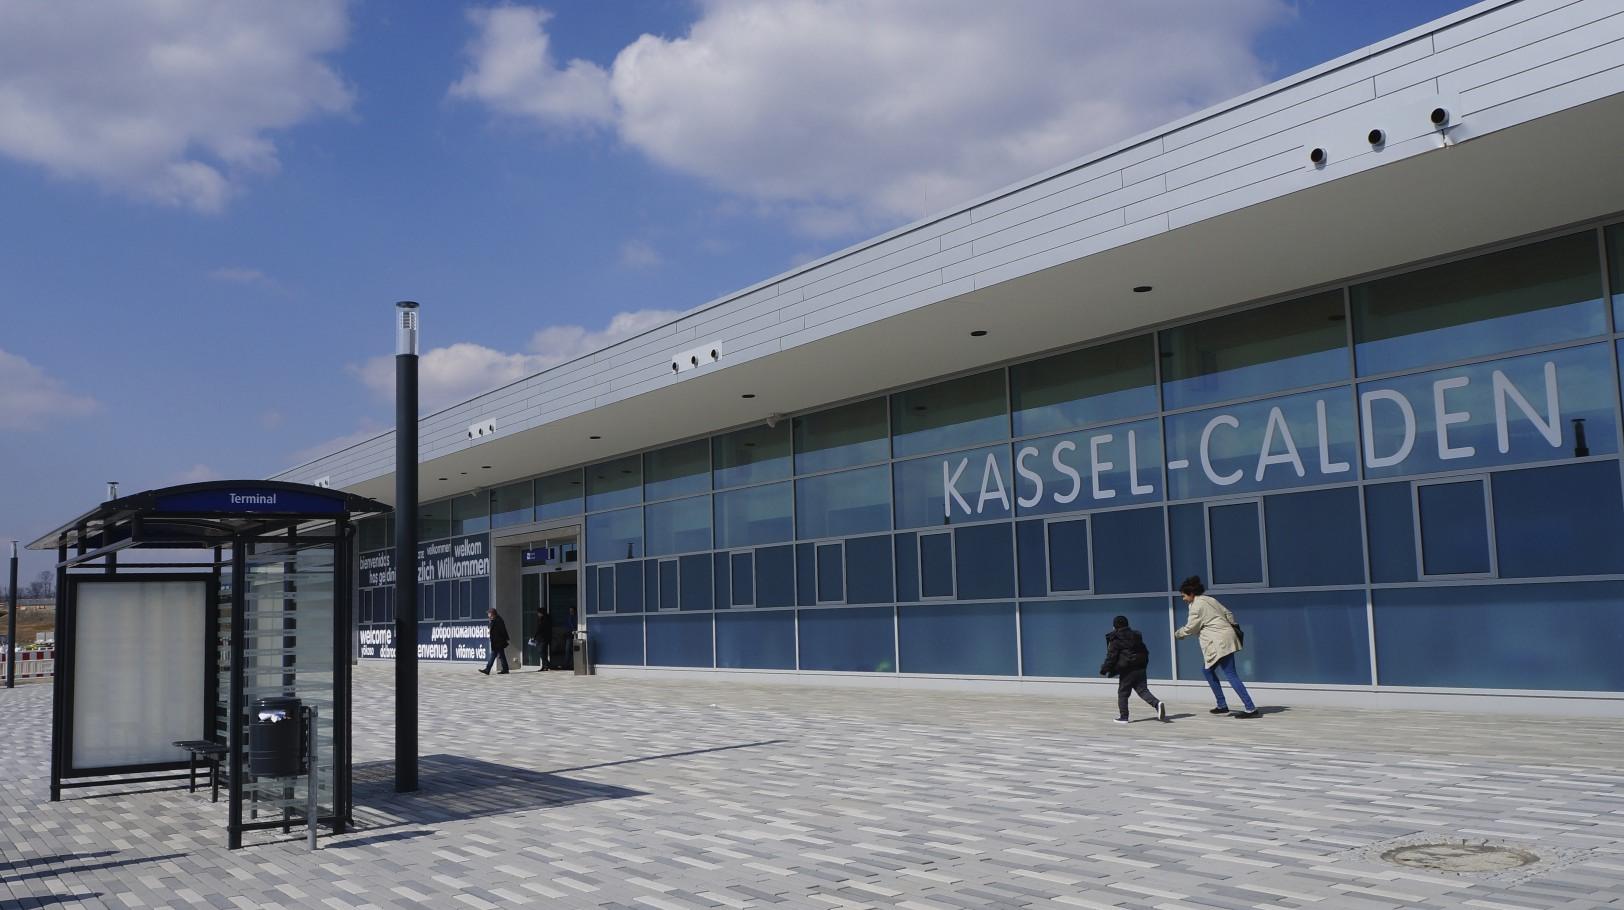 Impressionen vom neuen Flughafen Kassel - Calden